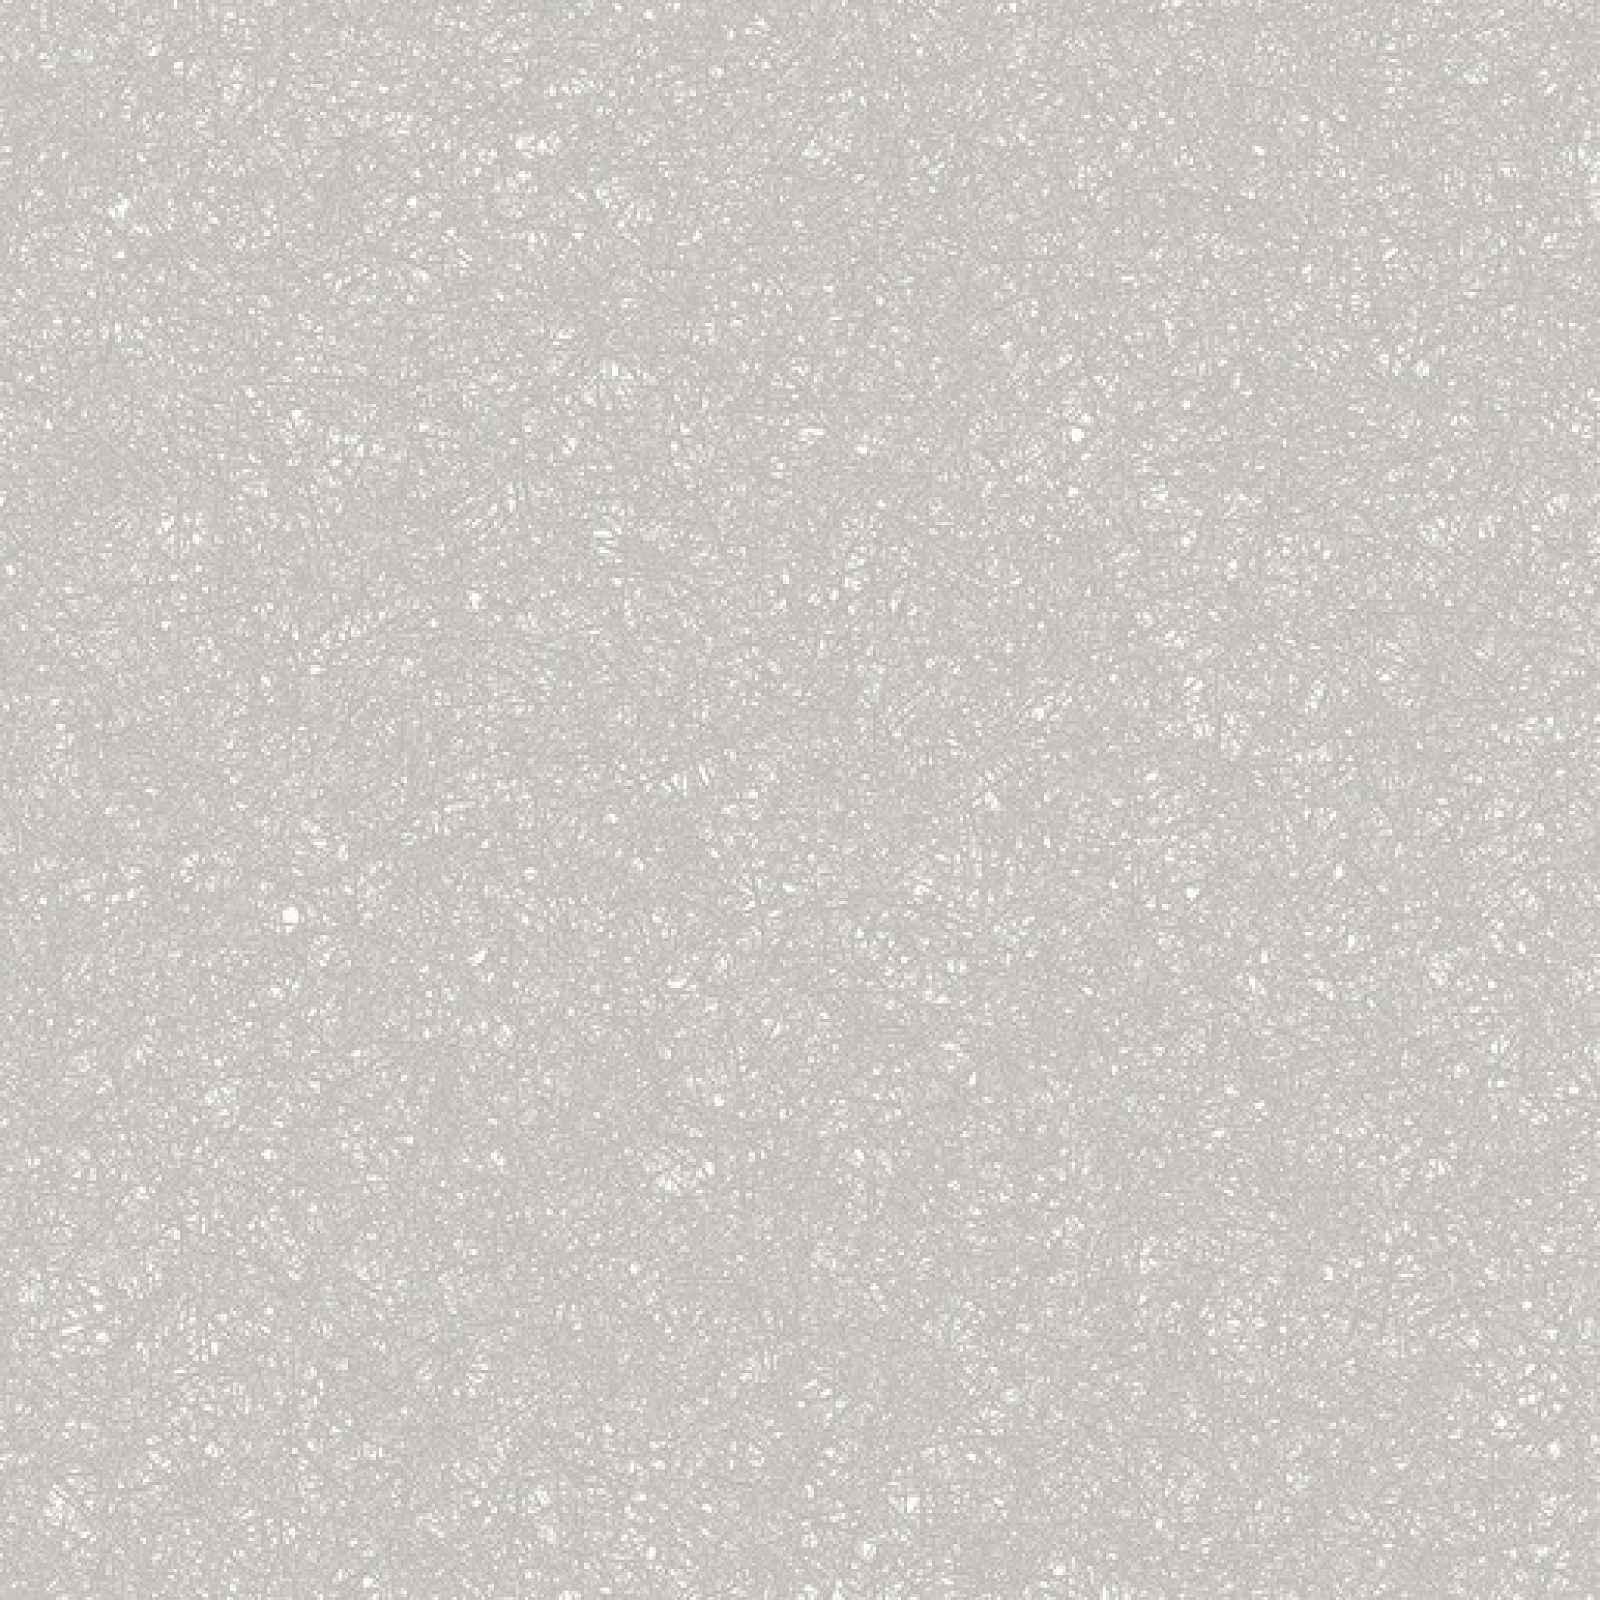 Dlažba RAKO Linka bílošedá 60x60 cm mat DAK63824.1